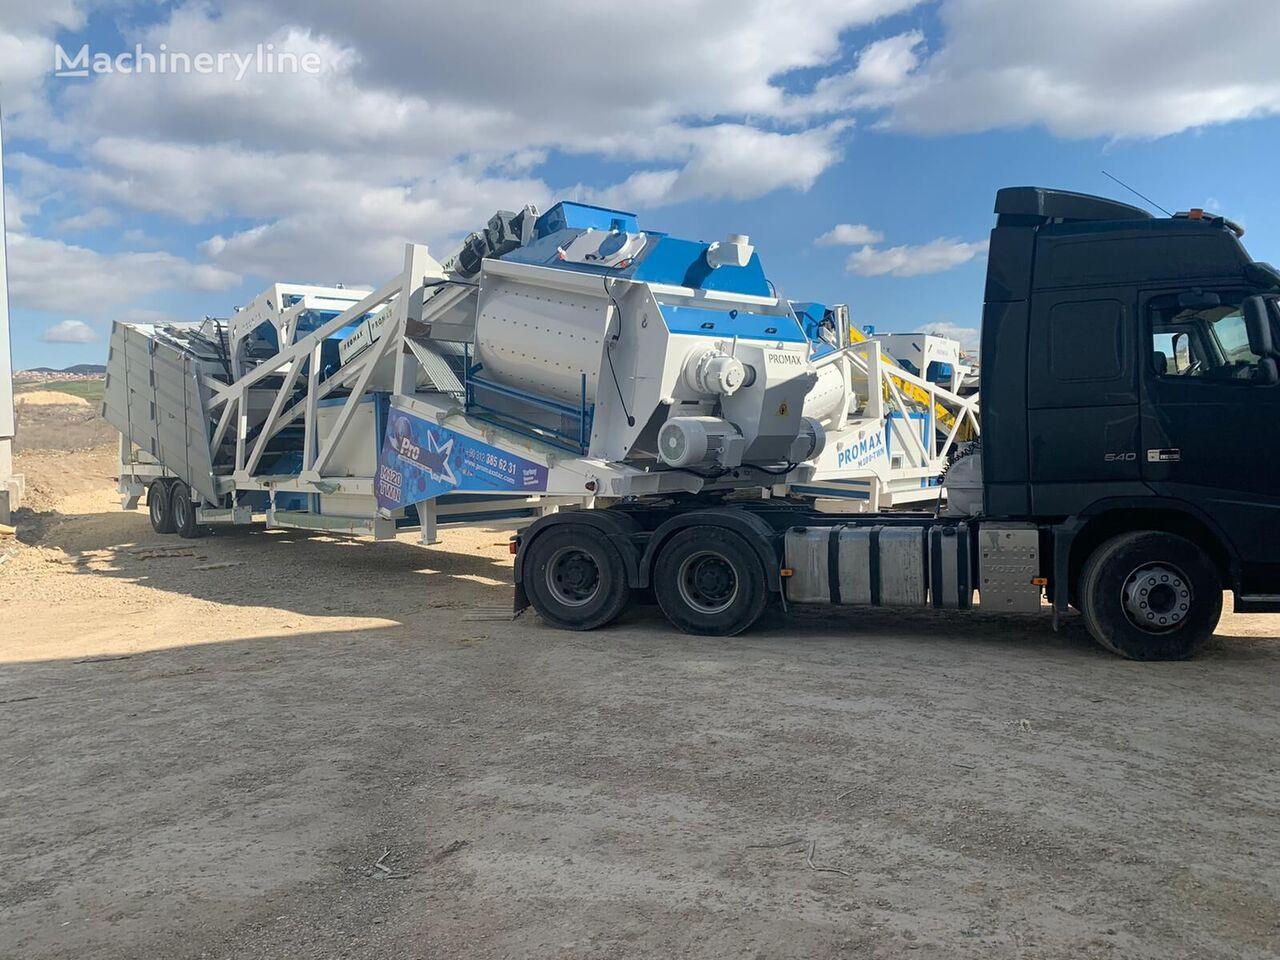 новый бетонный завод PROMAX Mobile Concrete Batching Plant M120-TWN (120m3/h)